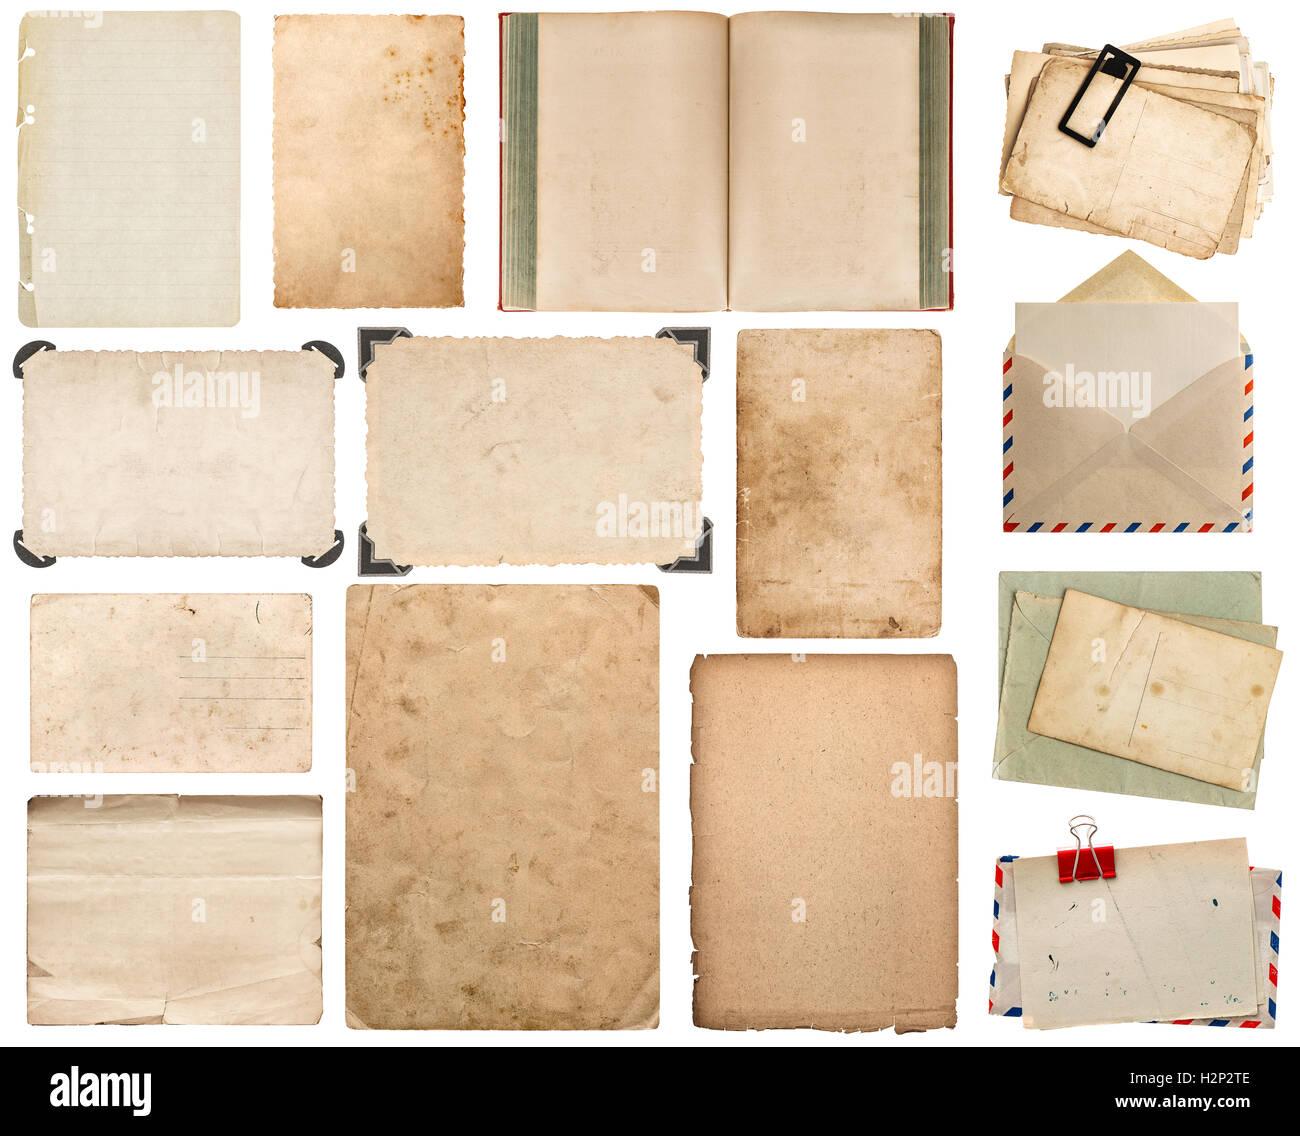 Papier Blatt, Buch, Umschlag, Fotorahmen mit Ecke isoliert auf ...